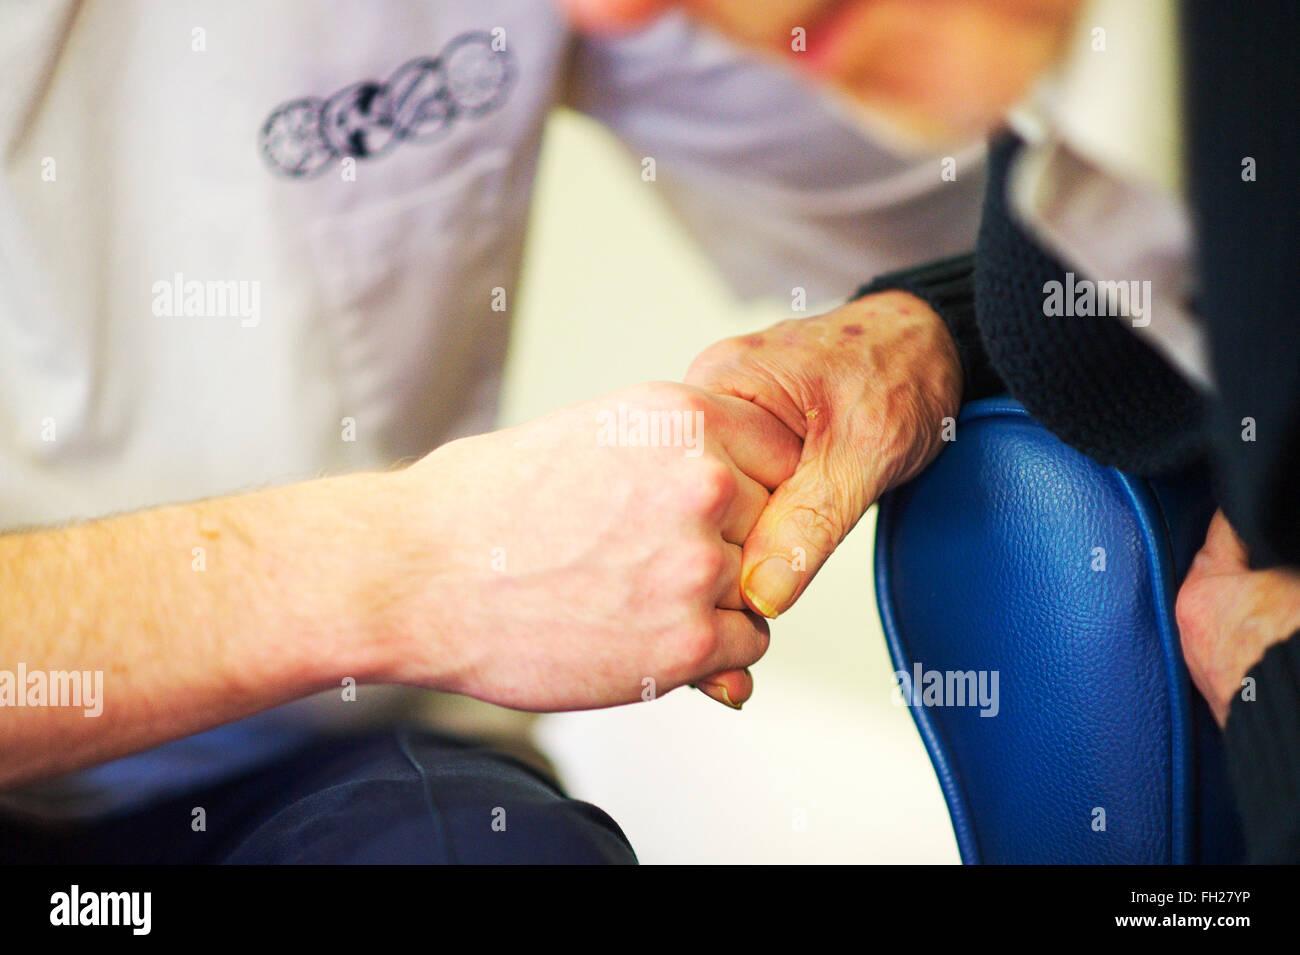 Salud y cuidado de la salud masculina visitante sostiene la mano de un varón anciano paciente Imagen De Stock